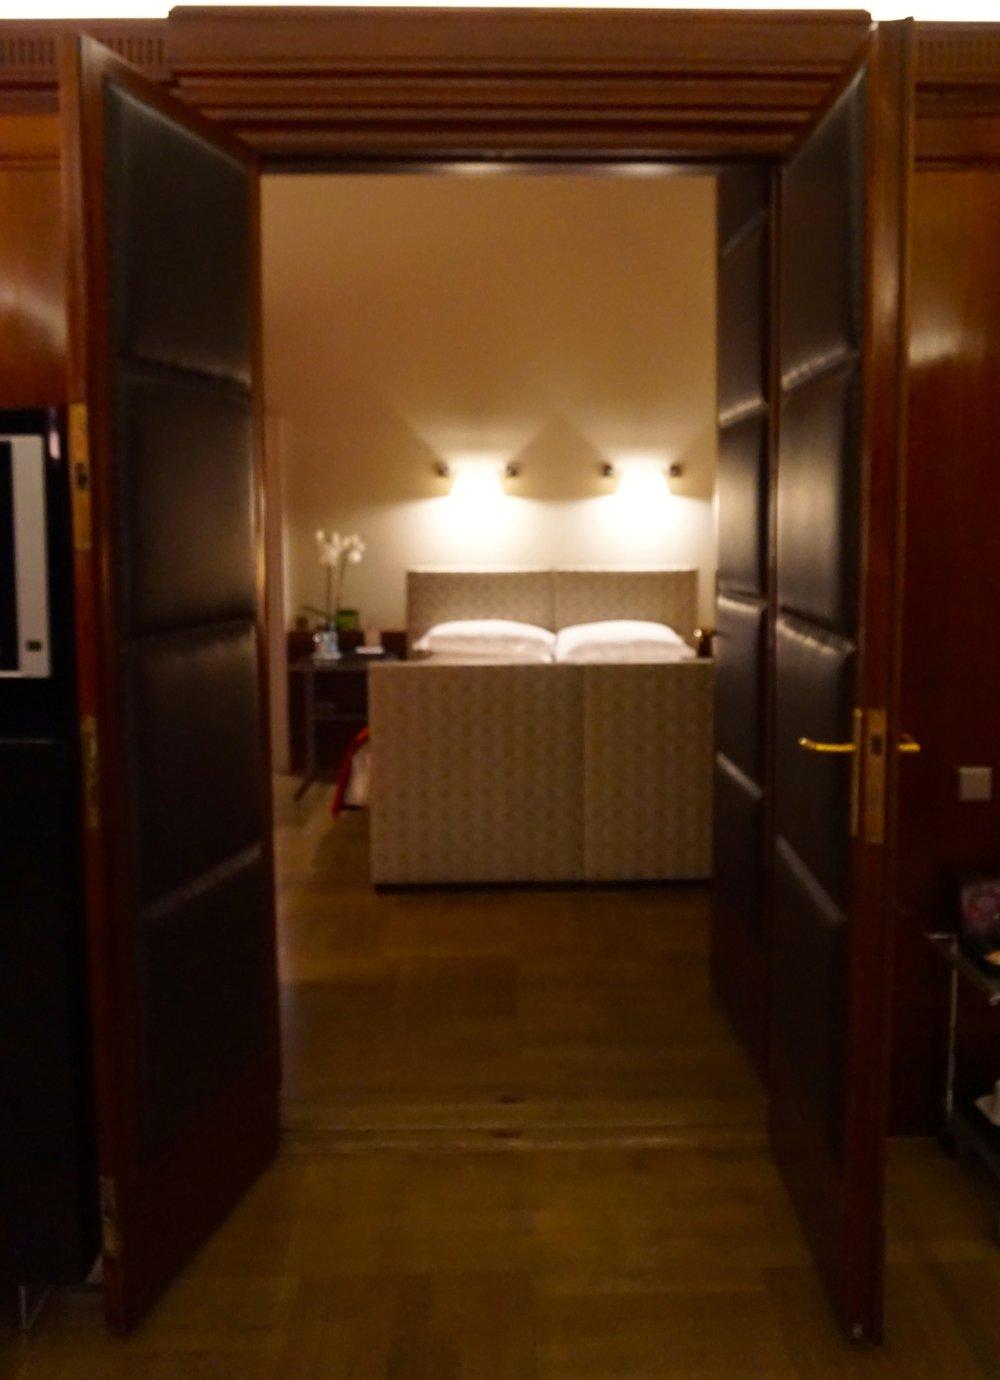 Die gepolsterten Türen sind original erhalten und trennen den Schlafraum vom Wohnraum. Die  bauzeitlichen Türen mit Lederbezug sowie der Parkettfußboden verströmen ein wunderbares Flair.